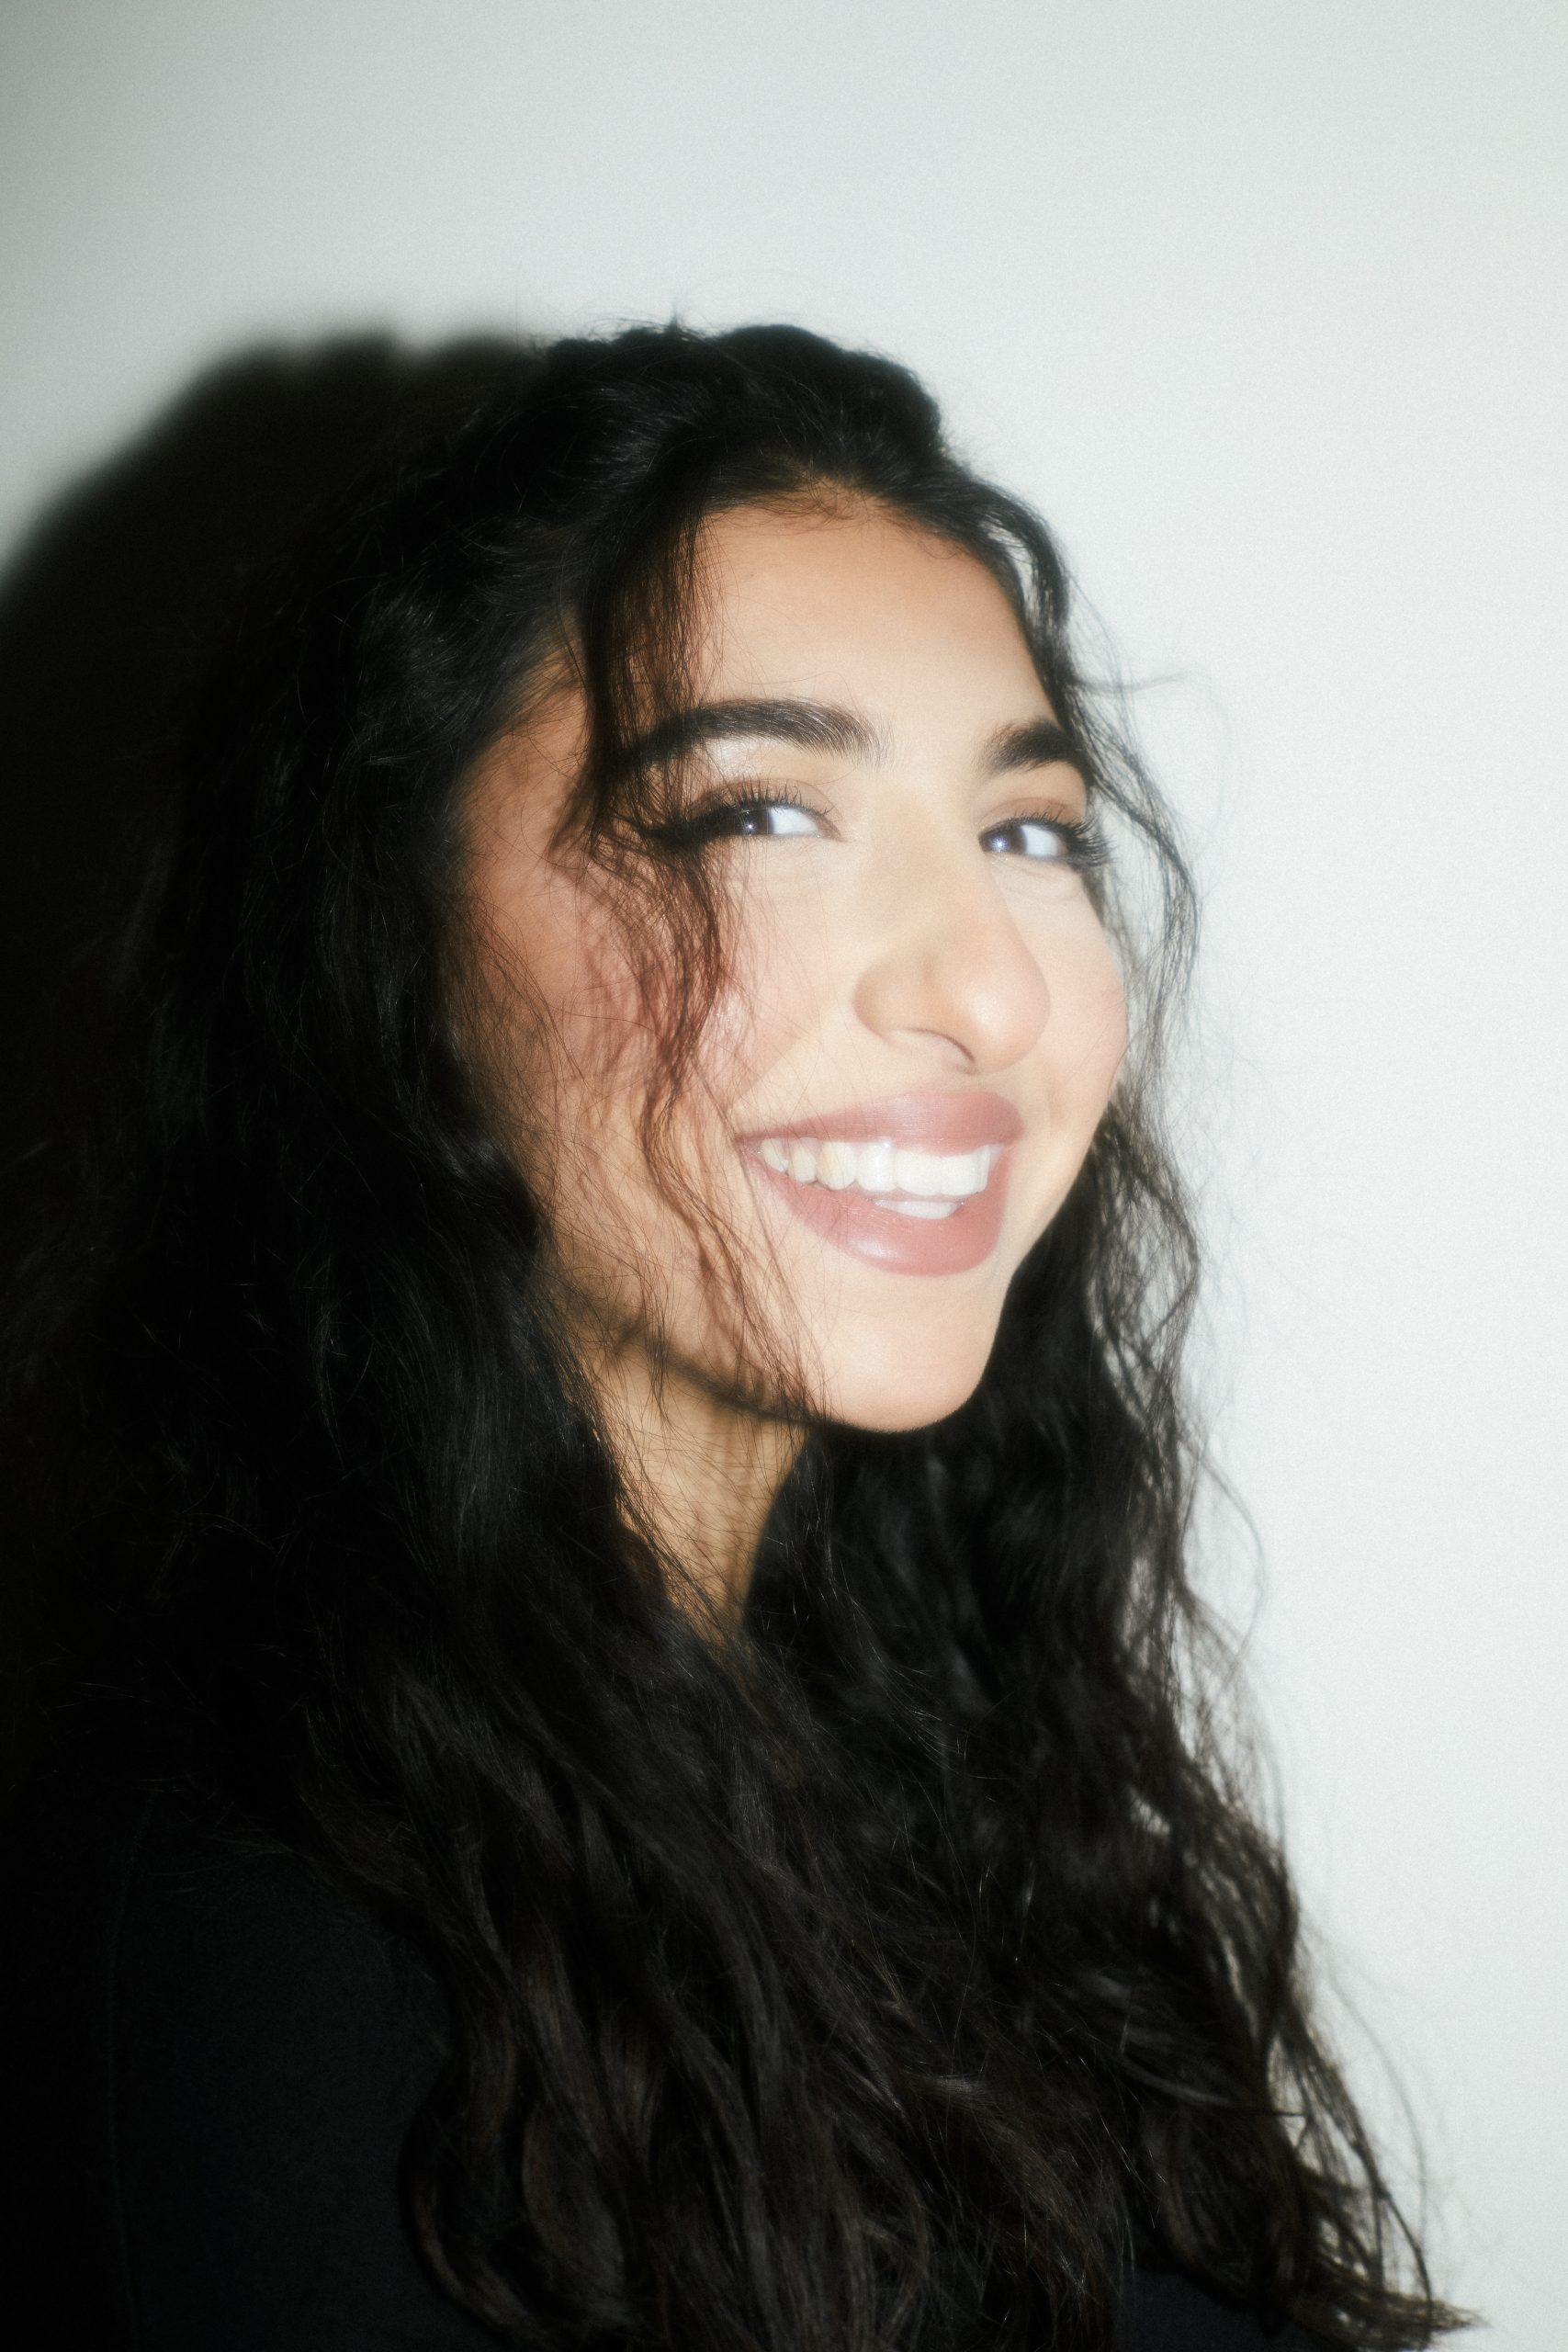 Maria_04 – Young Talent